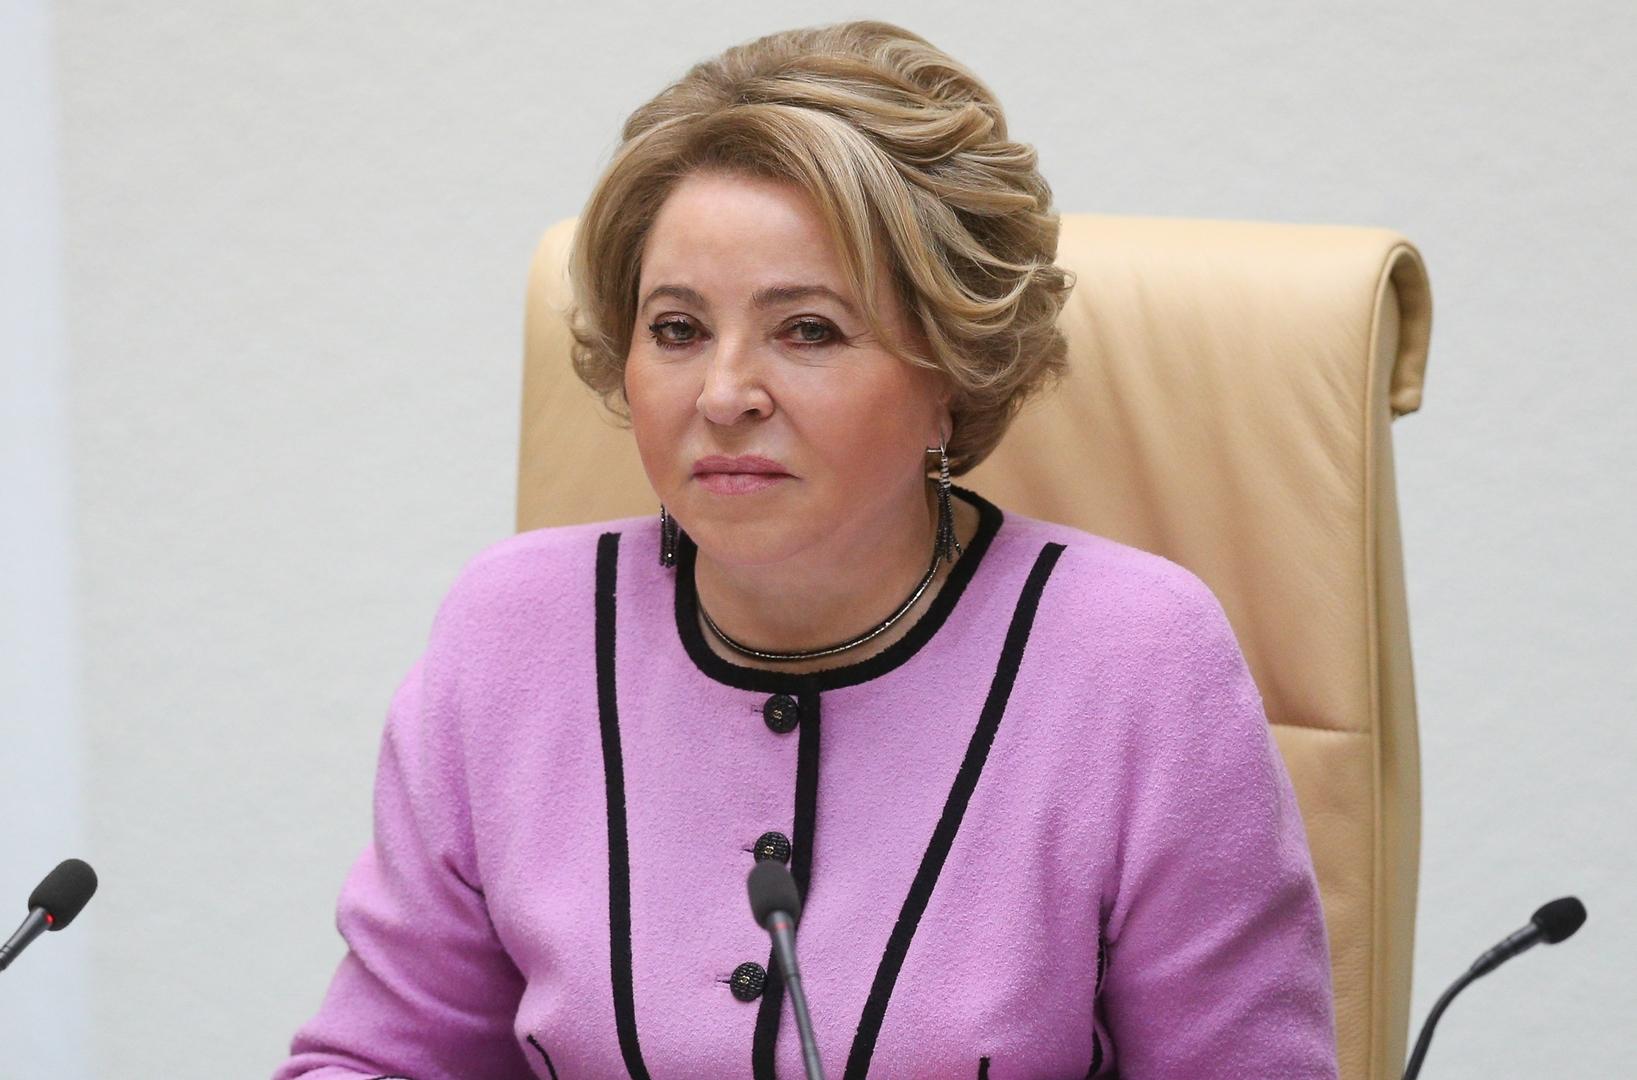 يسة مجلس الاتحاد الروسي فالينتينا ماتفيينكو